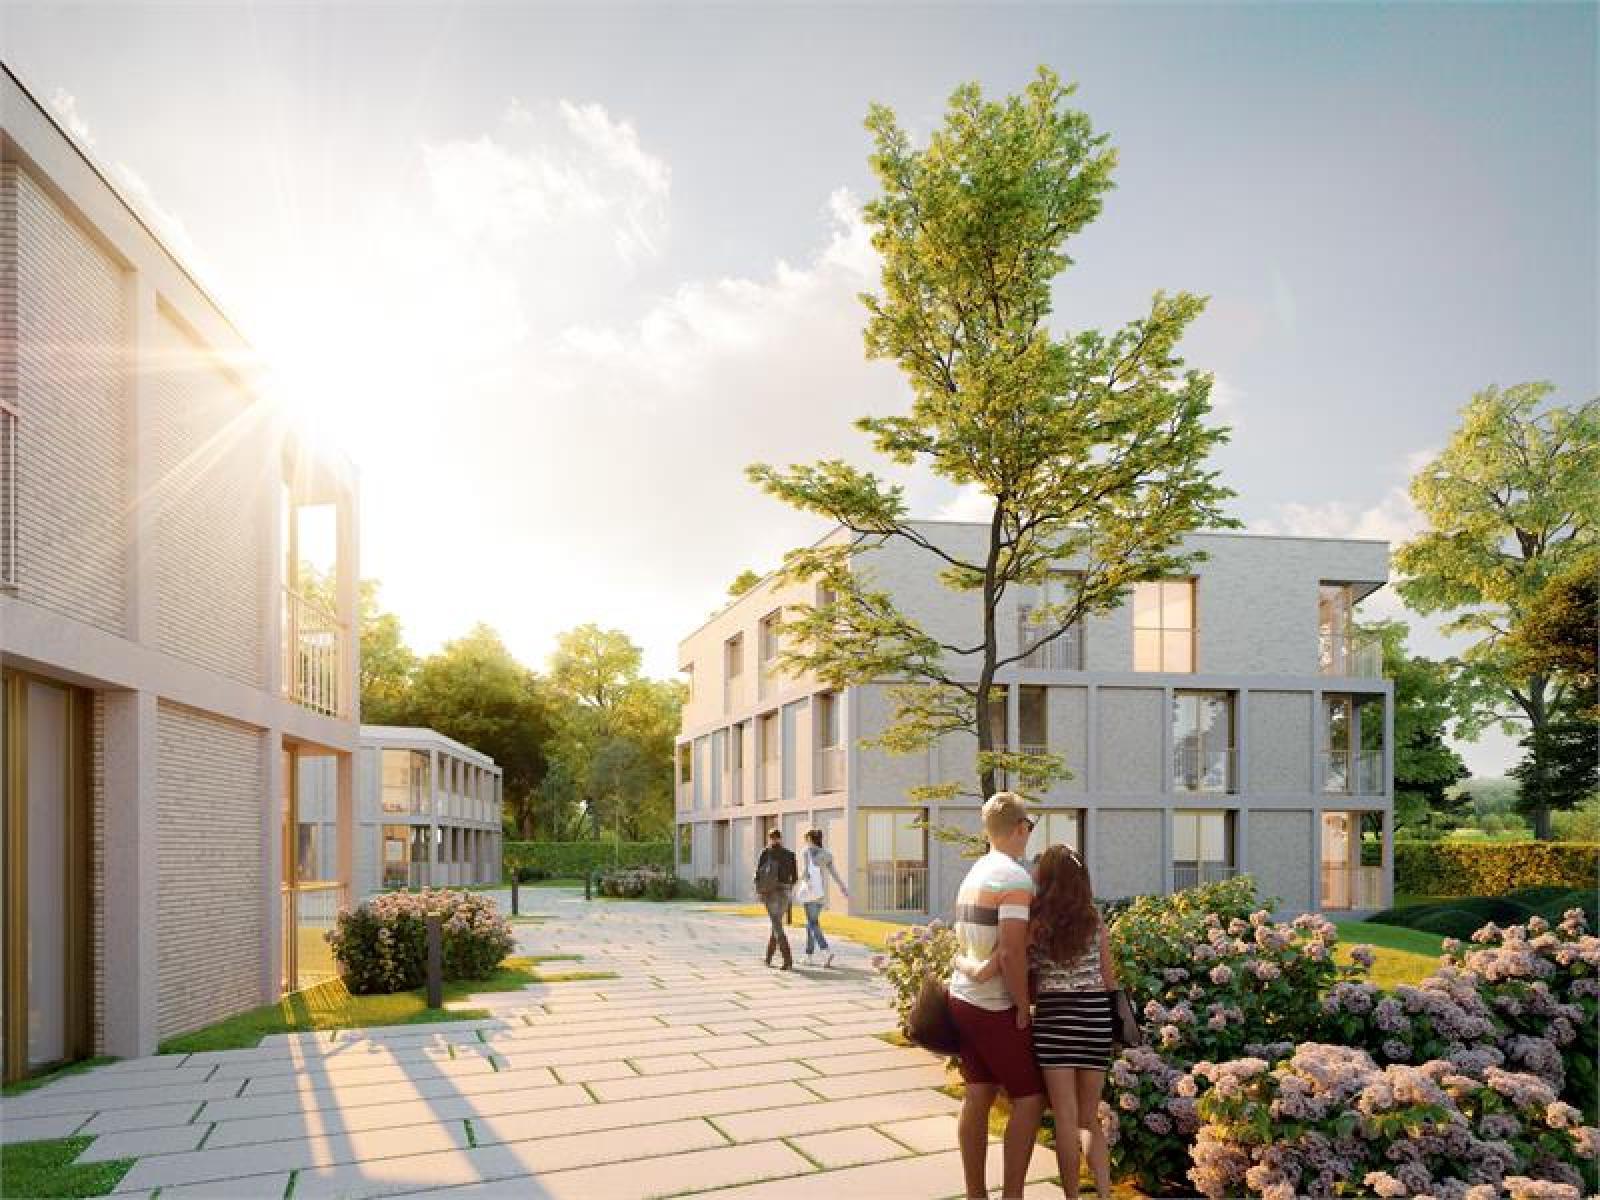 Nieuwbouw BEN-appartement op de gelijkvloers verdieping in prachtig binnengebied! afbeelding 4